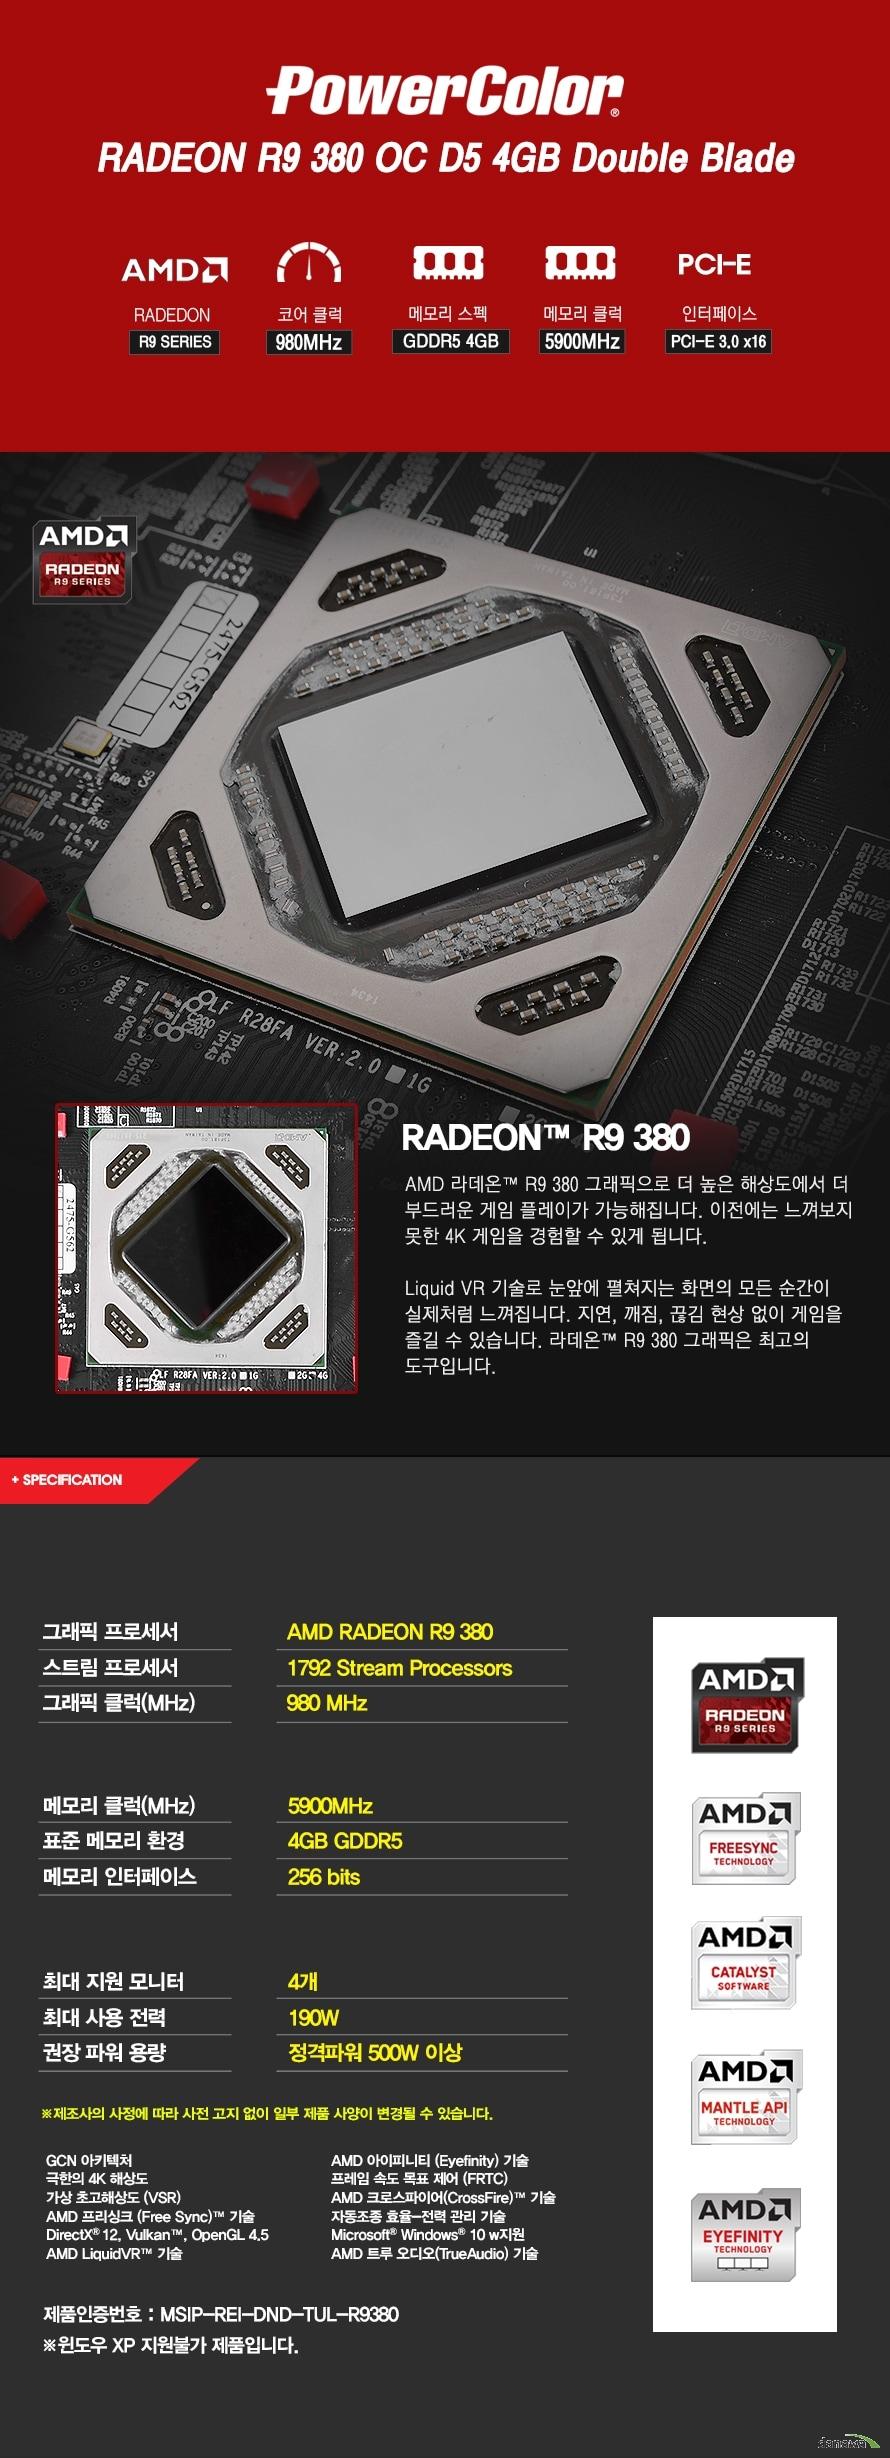 주요 스펙 및 칩셋 설명